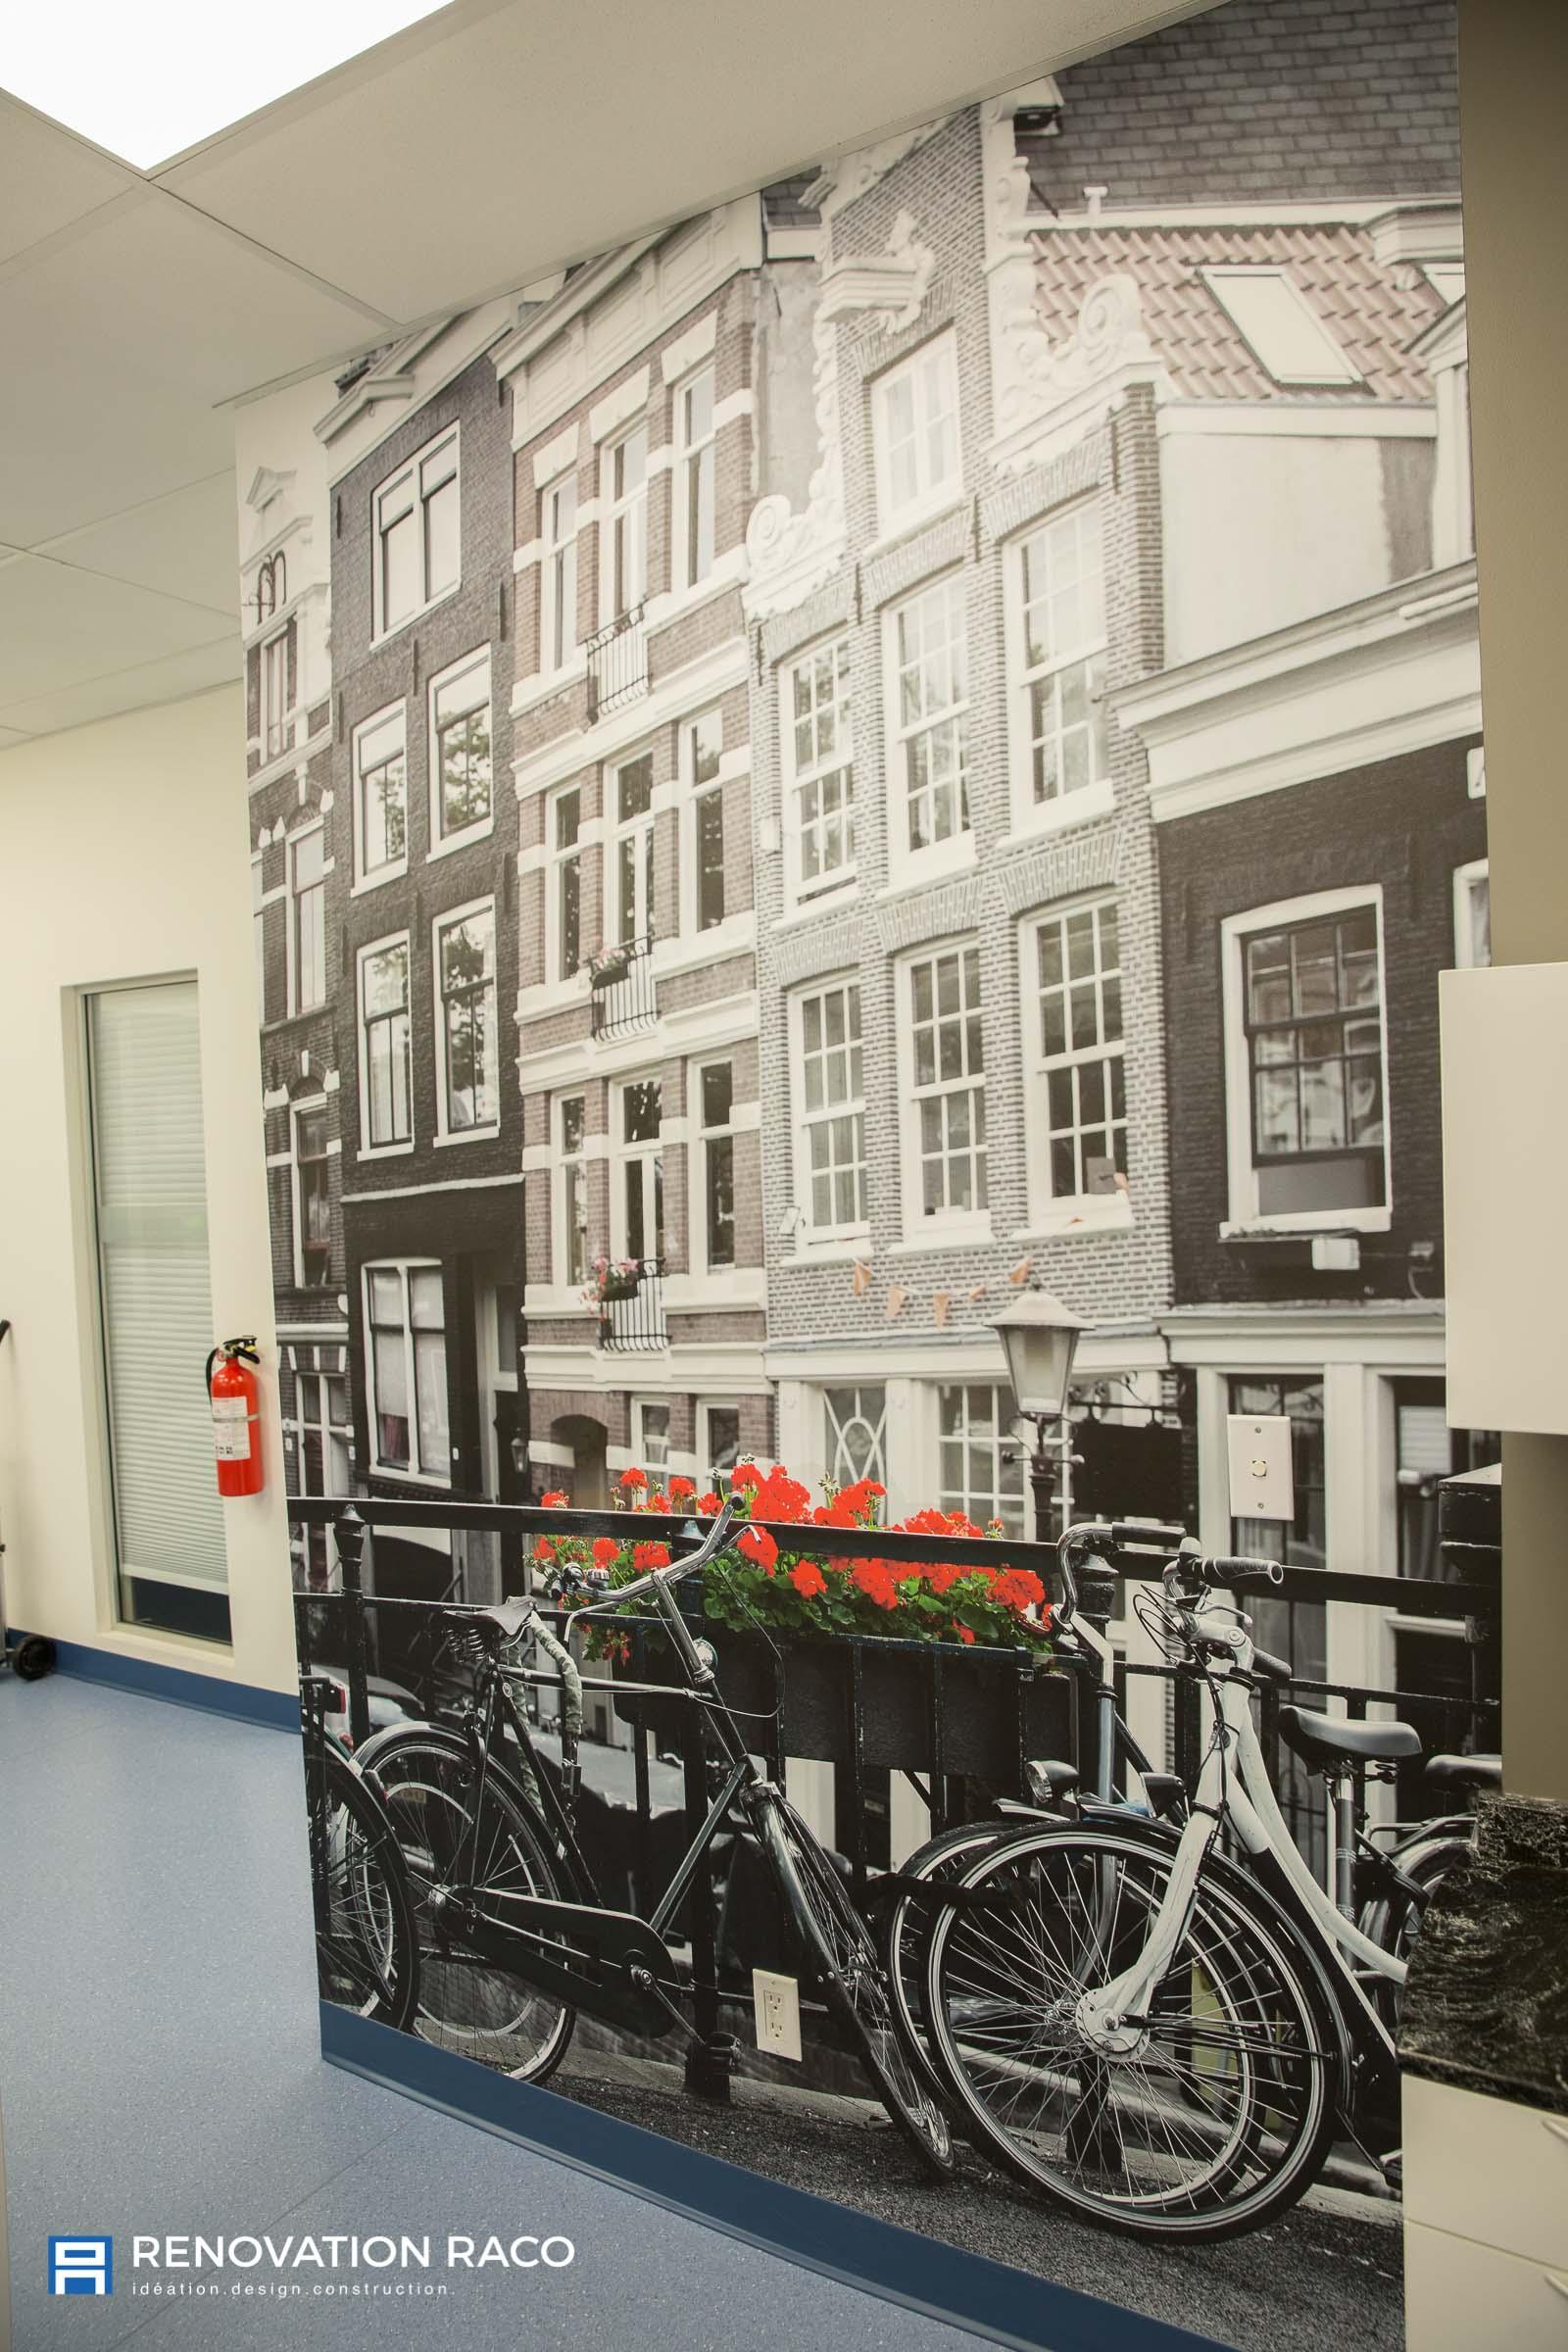 Renovation-Raco-Montreal-clinique Beydoun-07.jpg